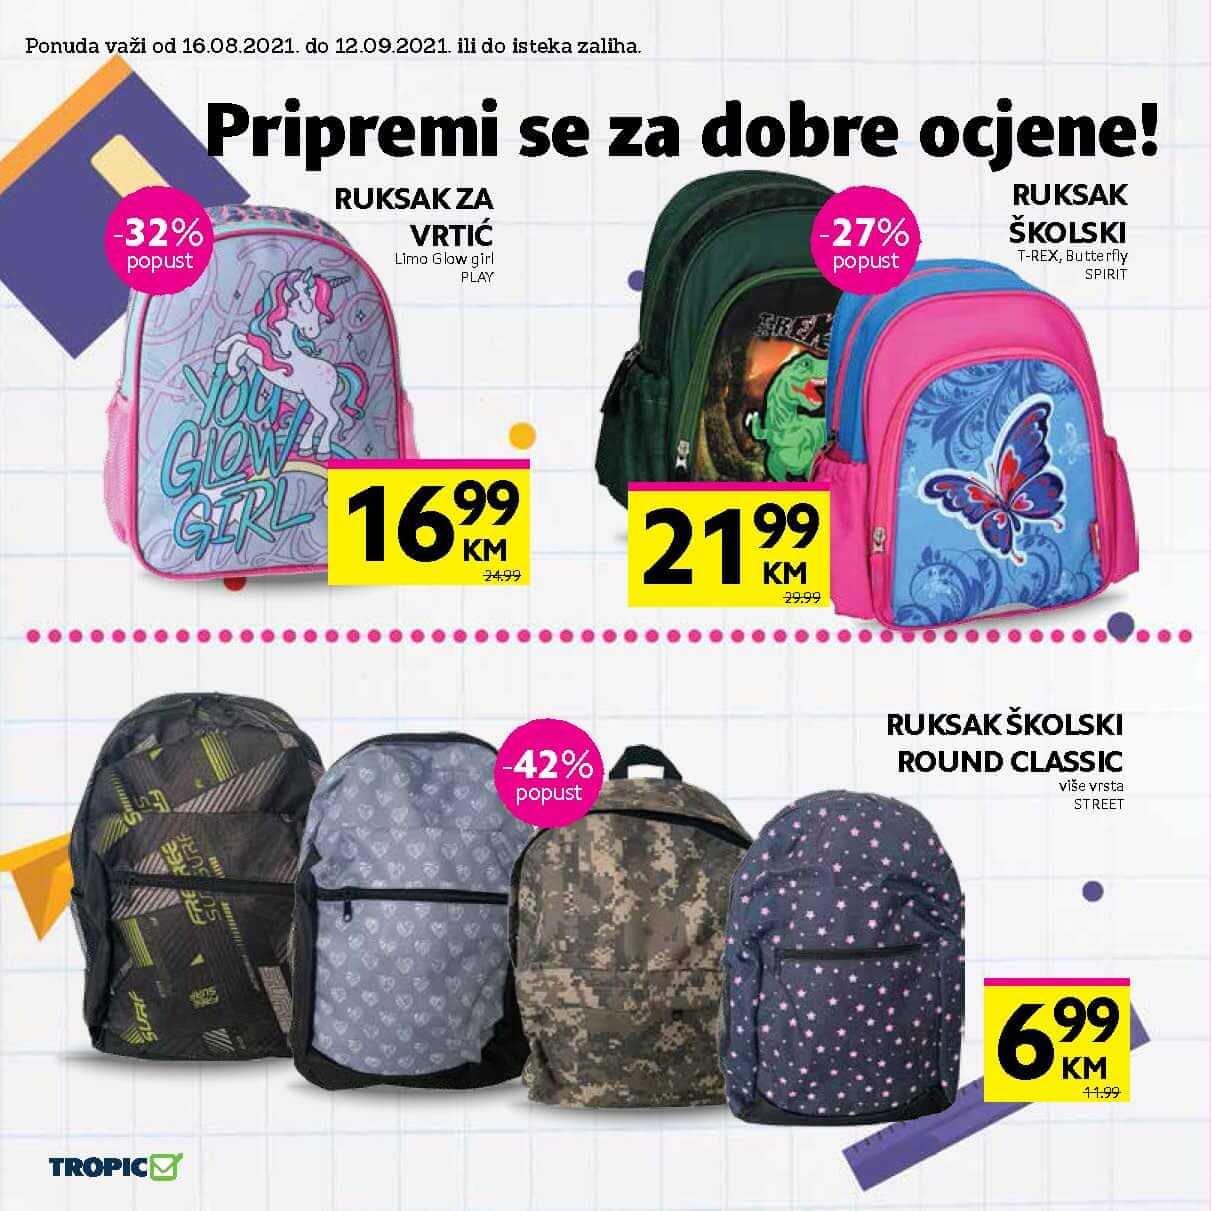 TROPIC Nova skolska avantura 16.8.2021. 12.9.2021. Page 02